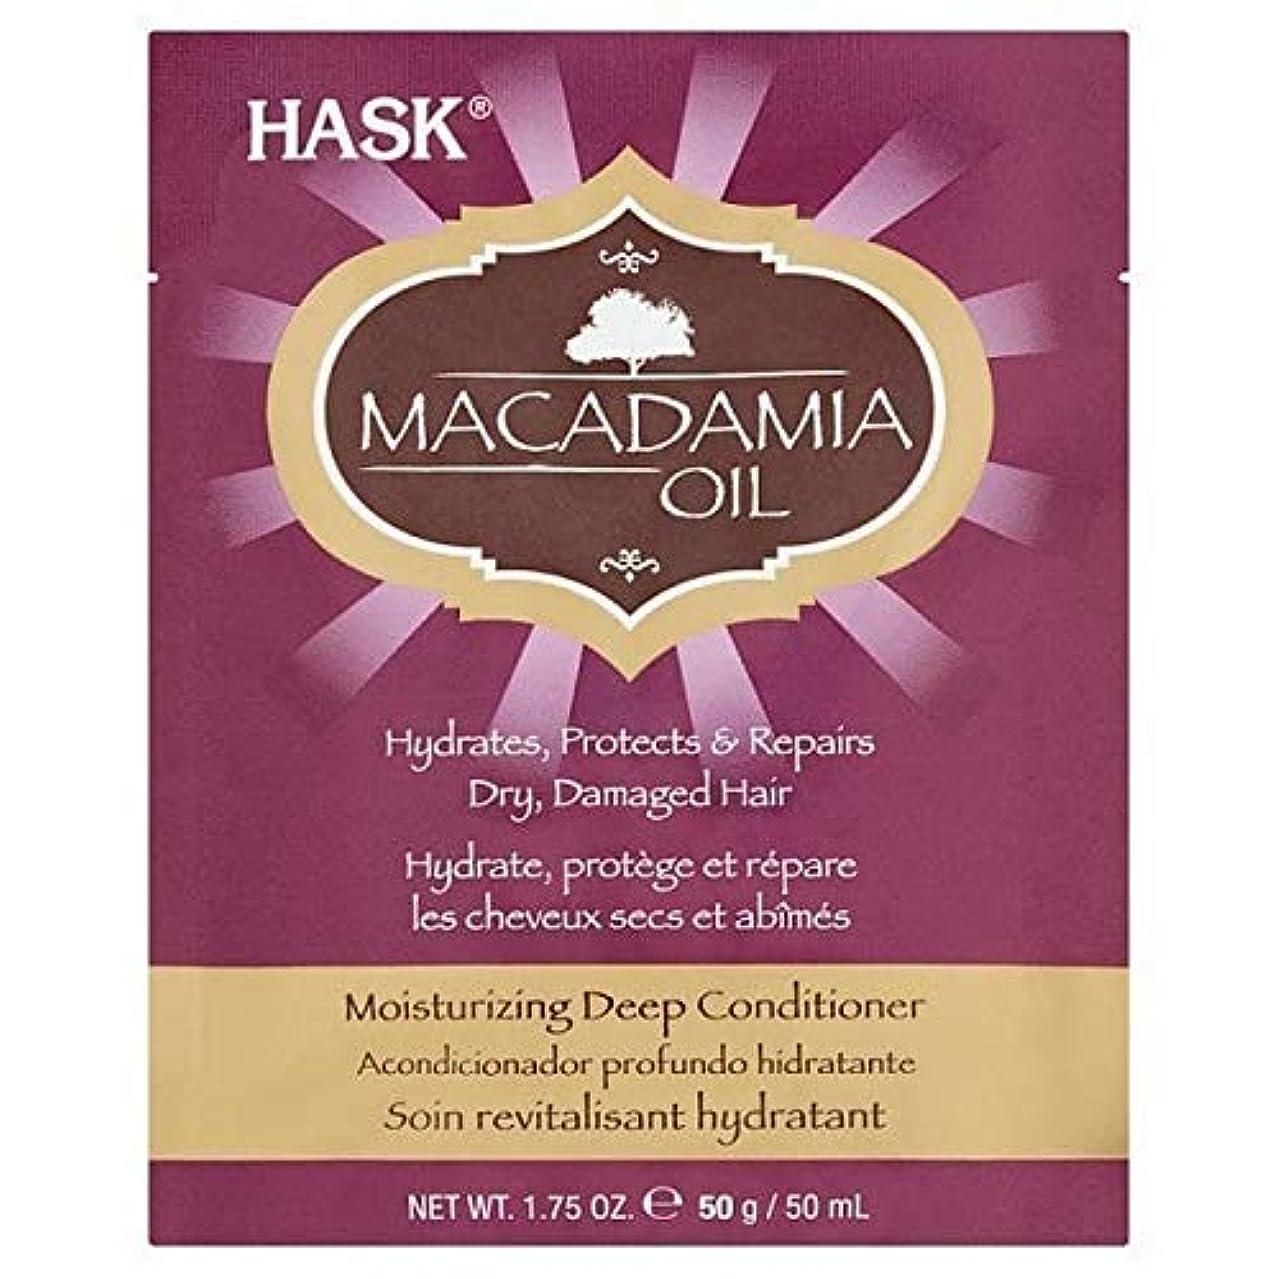 快適アラブ締め切り[Hask] Haskのマカダミアオイル保湿深いコンディショニングサシェ - HASK Macadamia Oil Moisturising Deep Conditioning Sachet [並行輸入品]